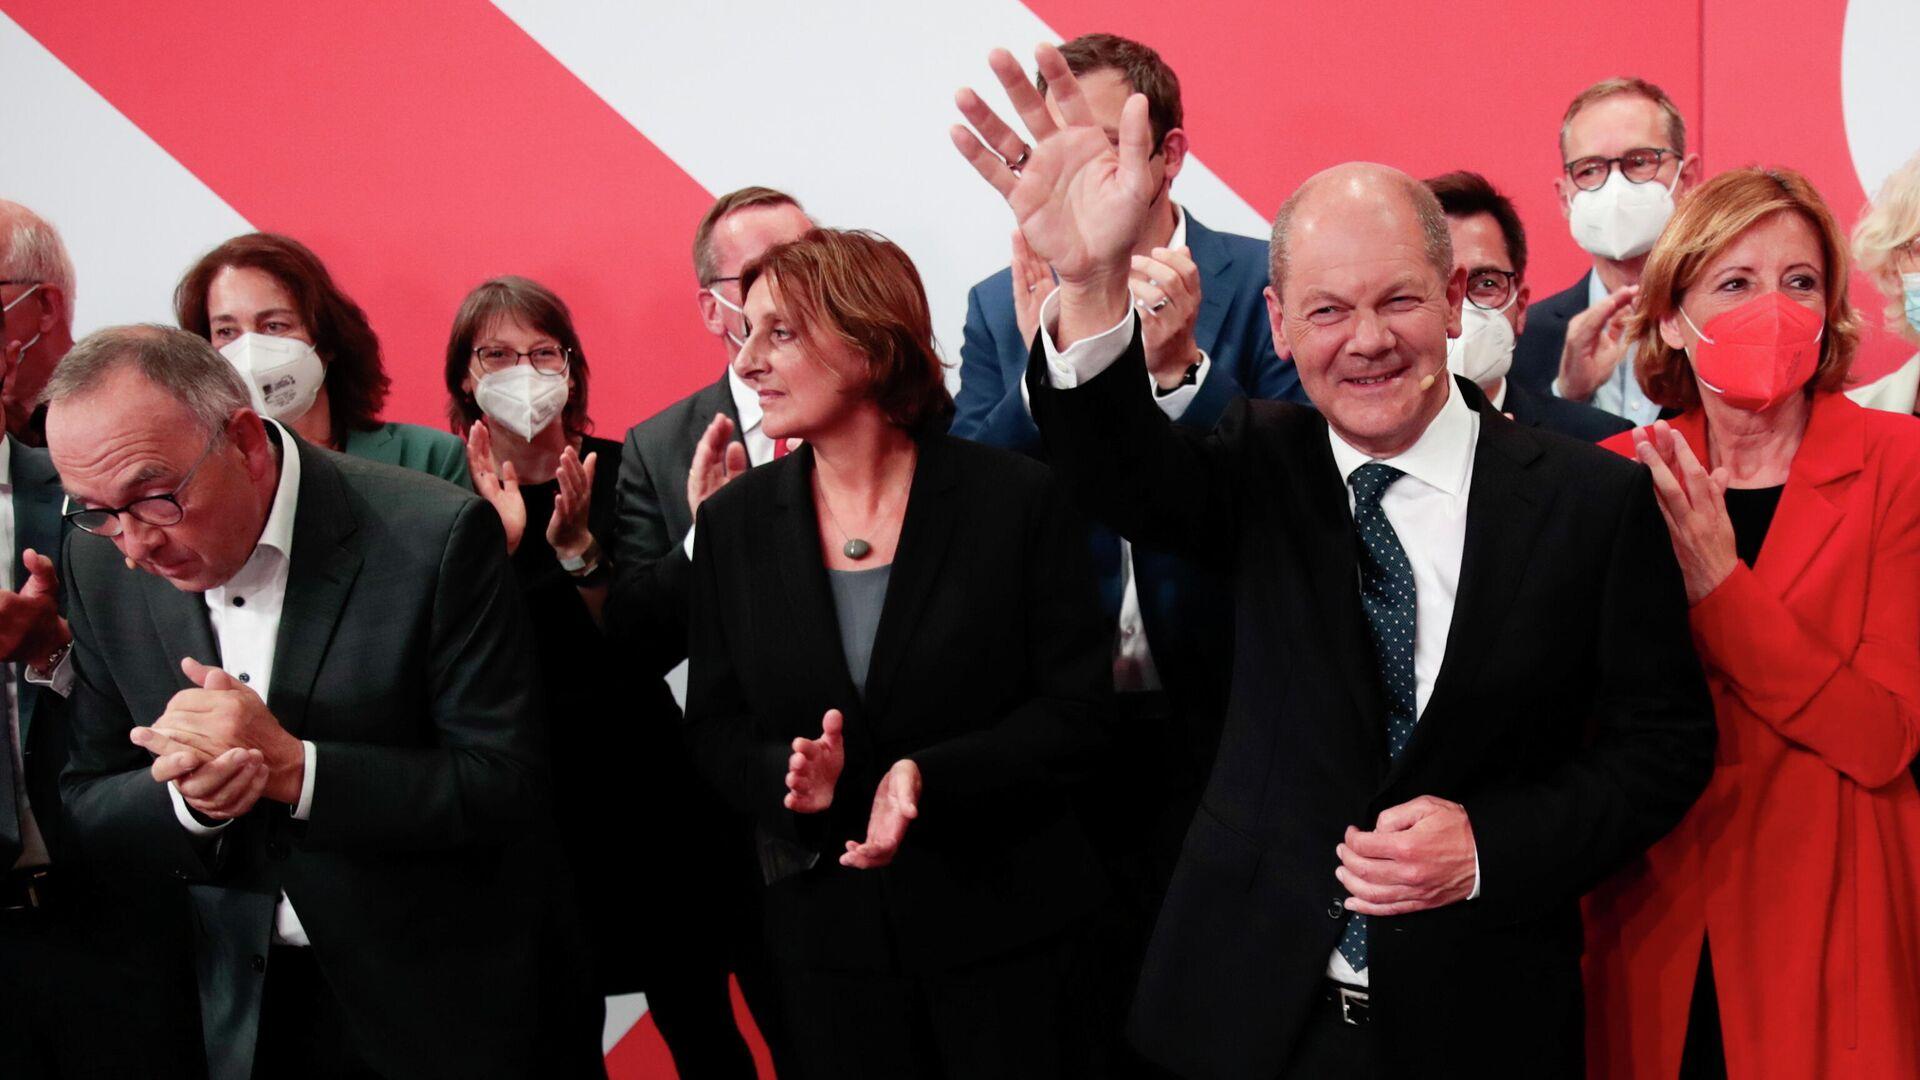 El vicecanciller alemán Olaf Scholz junto a otros miembros del Partido Socialdemócrata de Alemania - Sputnik Mundo, 1920, 27.09.2021